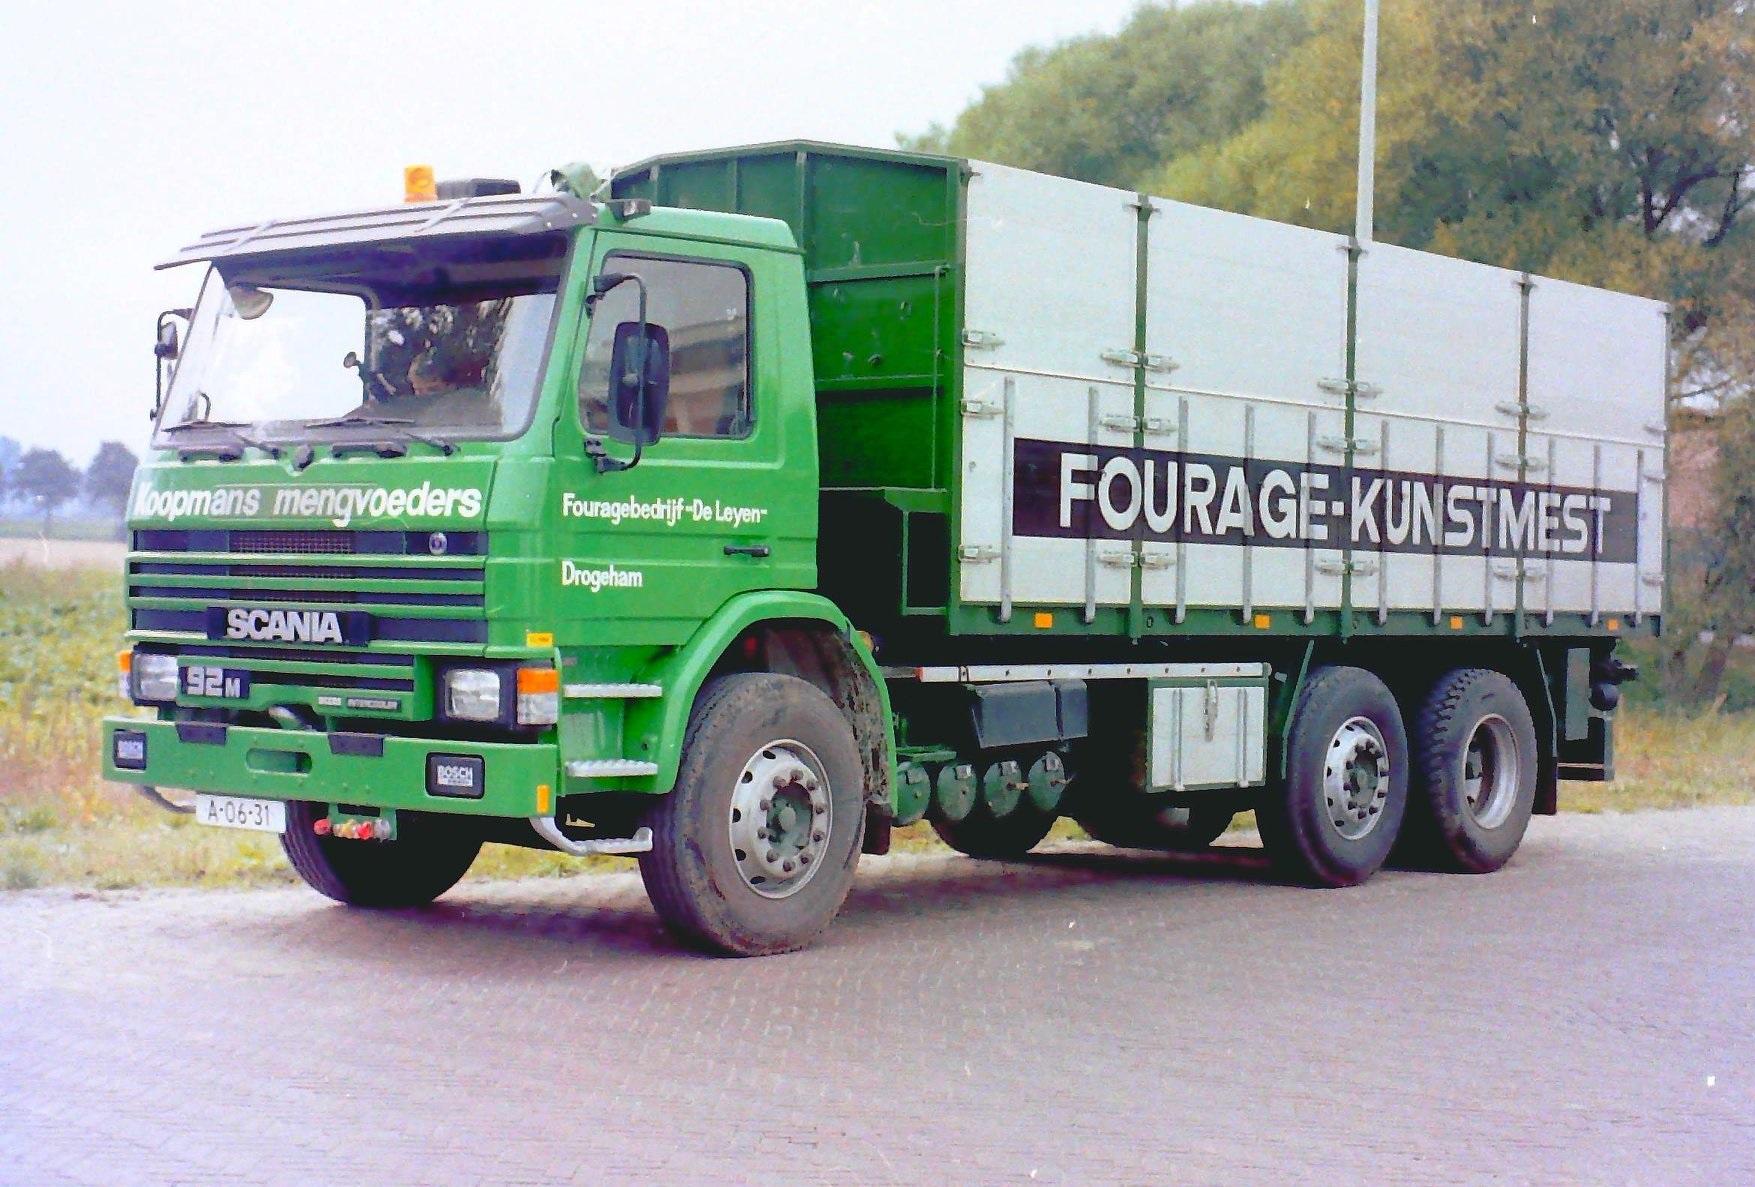 Deze-bulkauto-is-gebouwd-door-Rondaan-voor-Fouragebedrijf-De-Leyen-uit-Drogeham-rijdend-voor-Koopmans--1